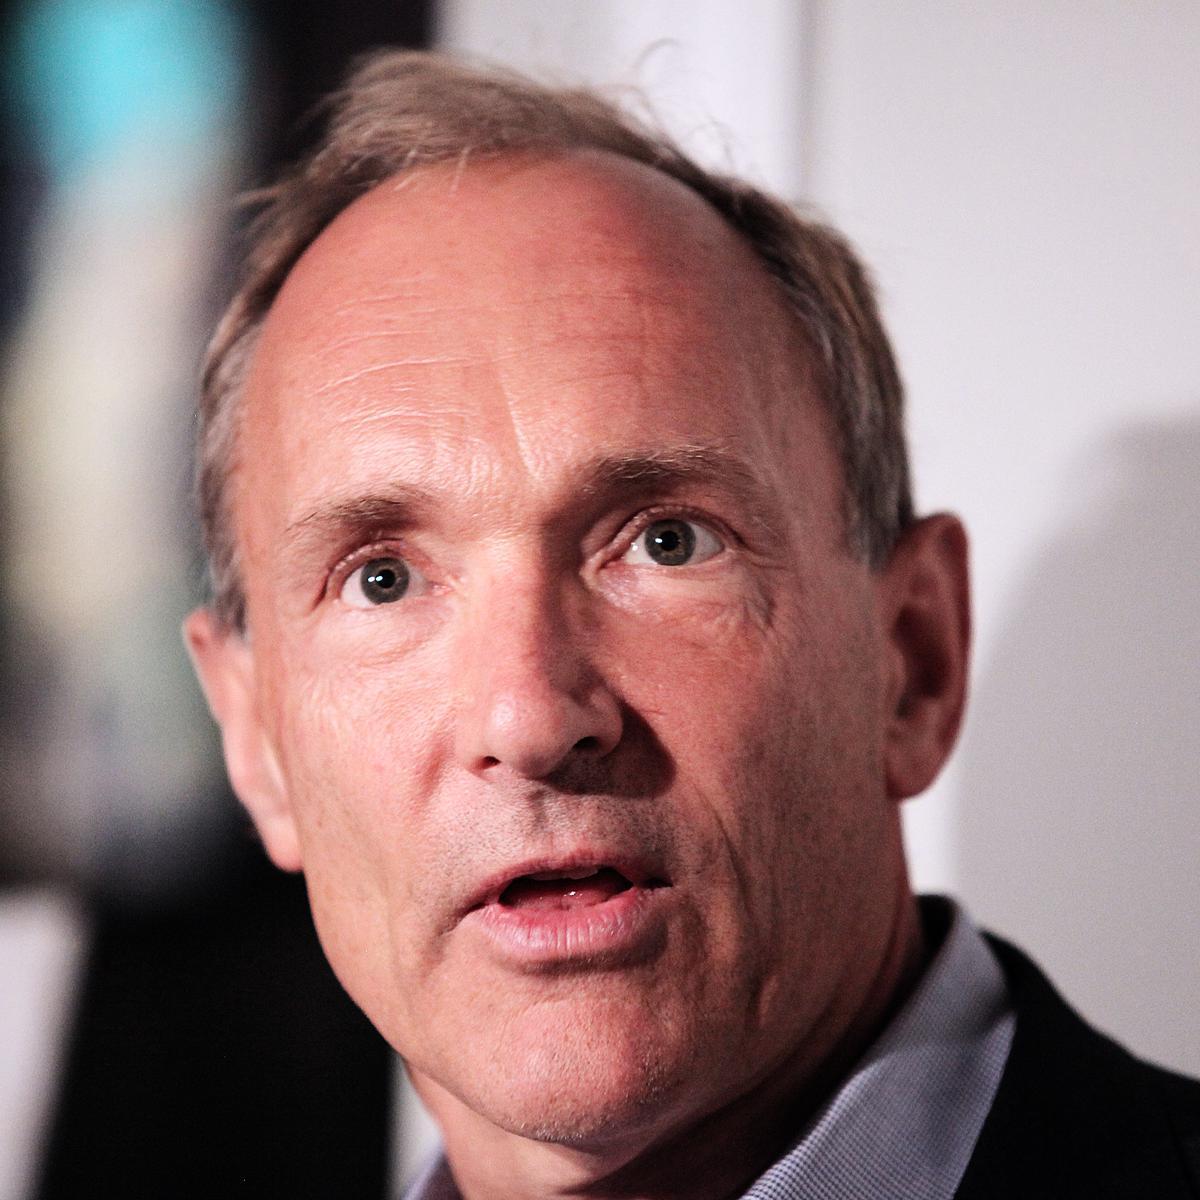 Portrait of Sir Tim Berners-Lee by Julian Hanford